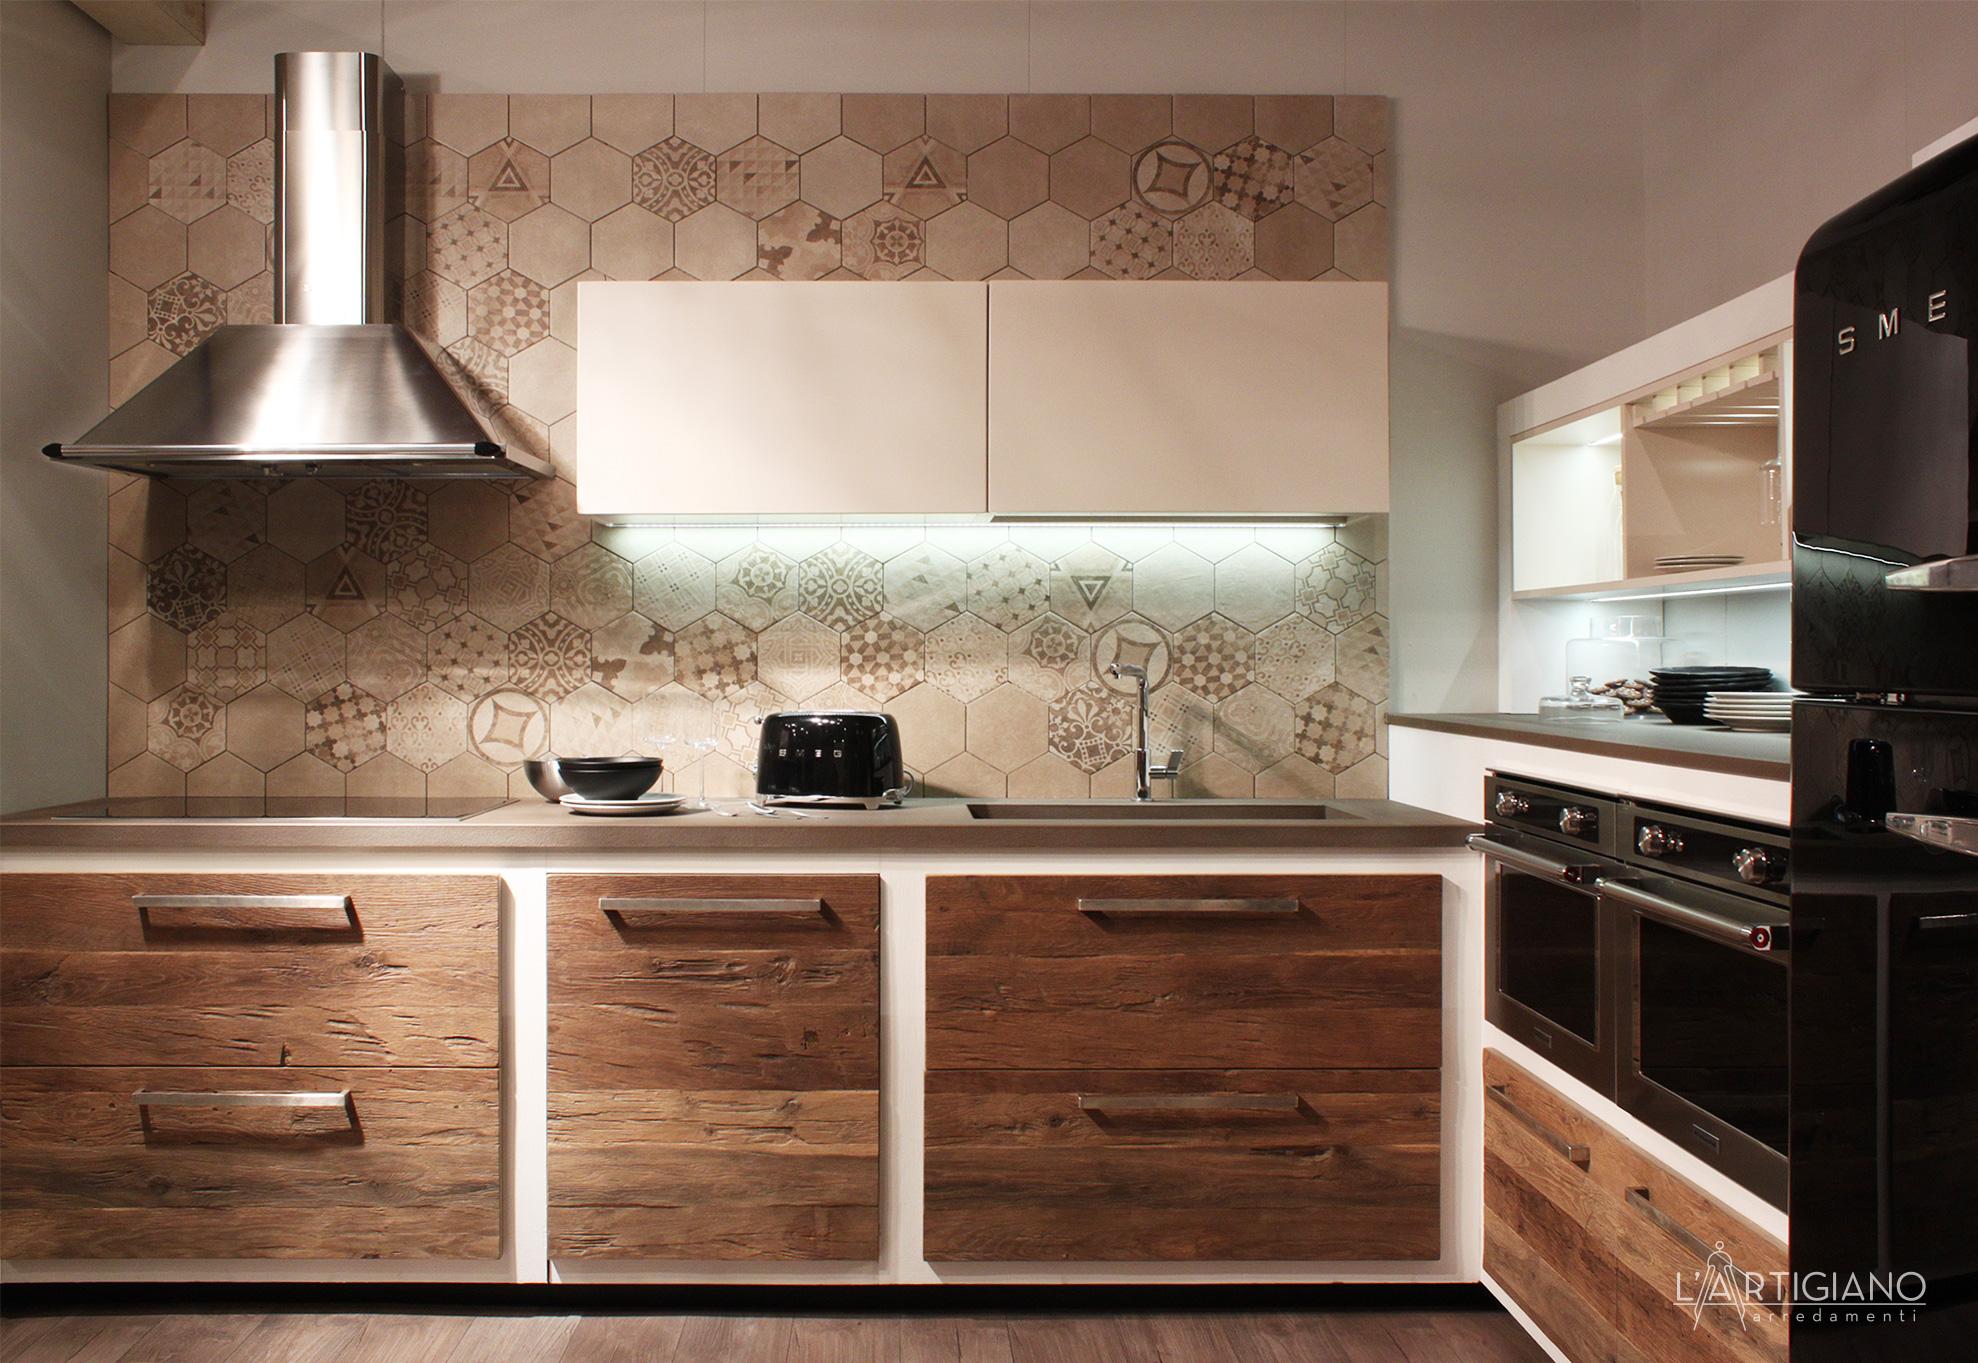 Cucine A Muro Foto cucine in muratura artigianali e su misura - l'artigiano